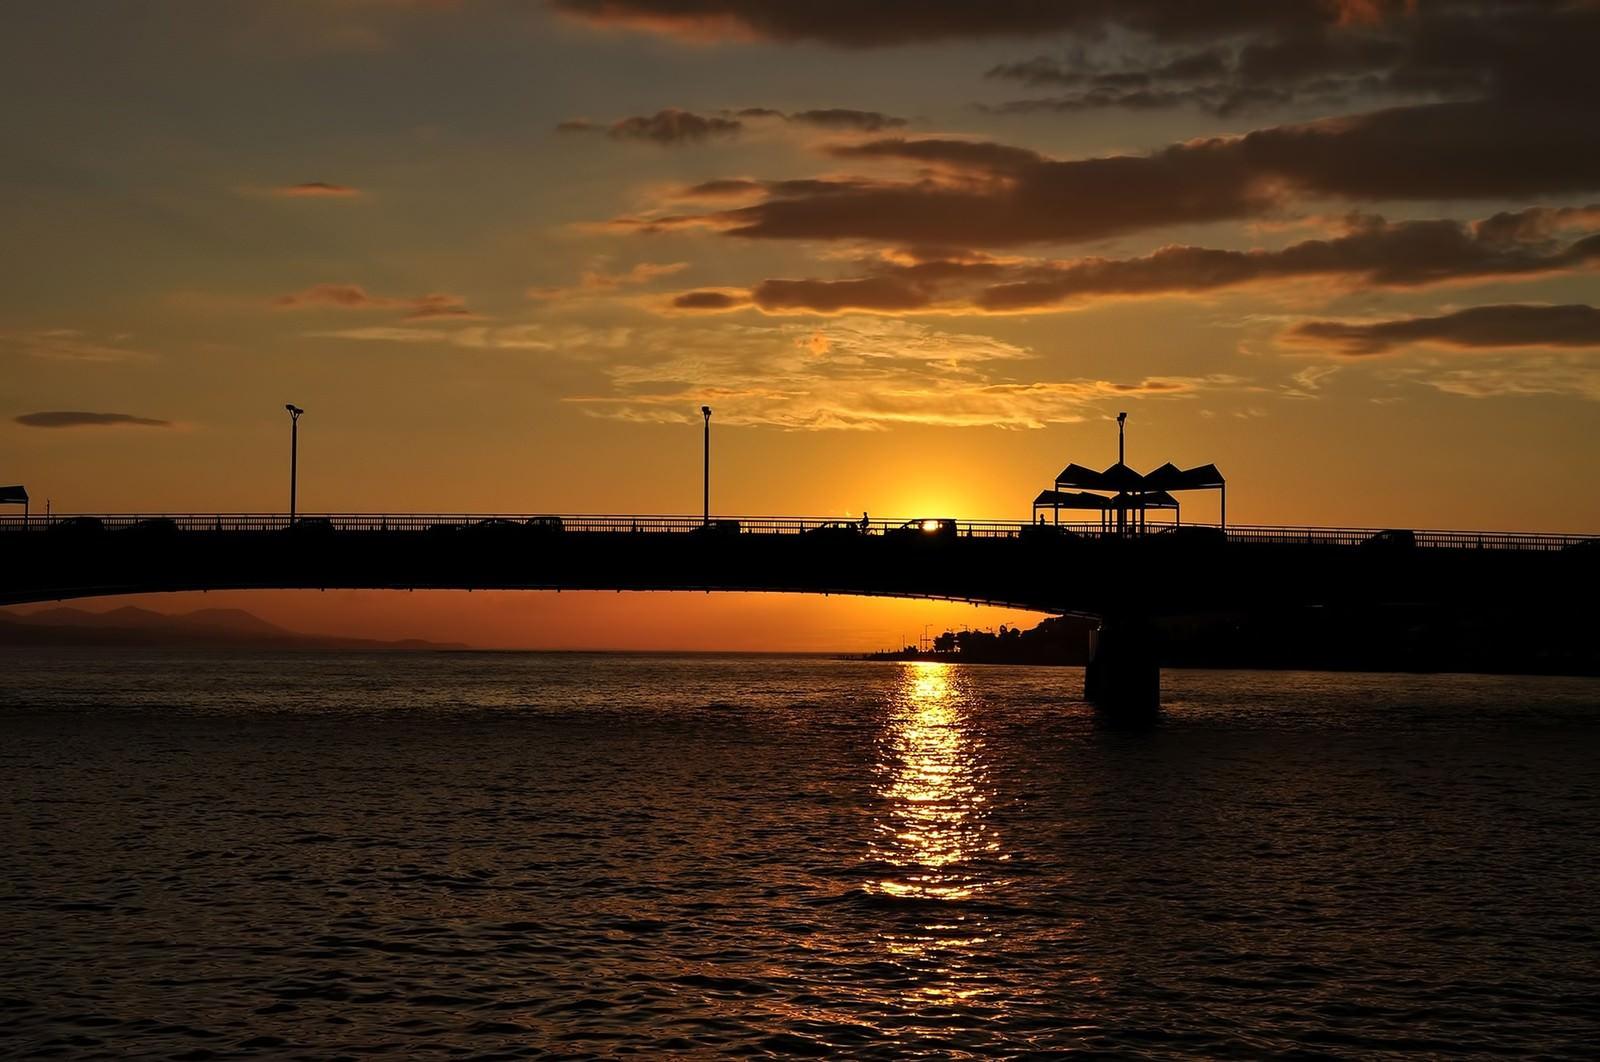 「夕暮れ後の浜辺」の写真